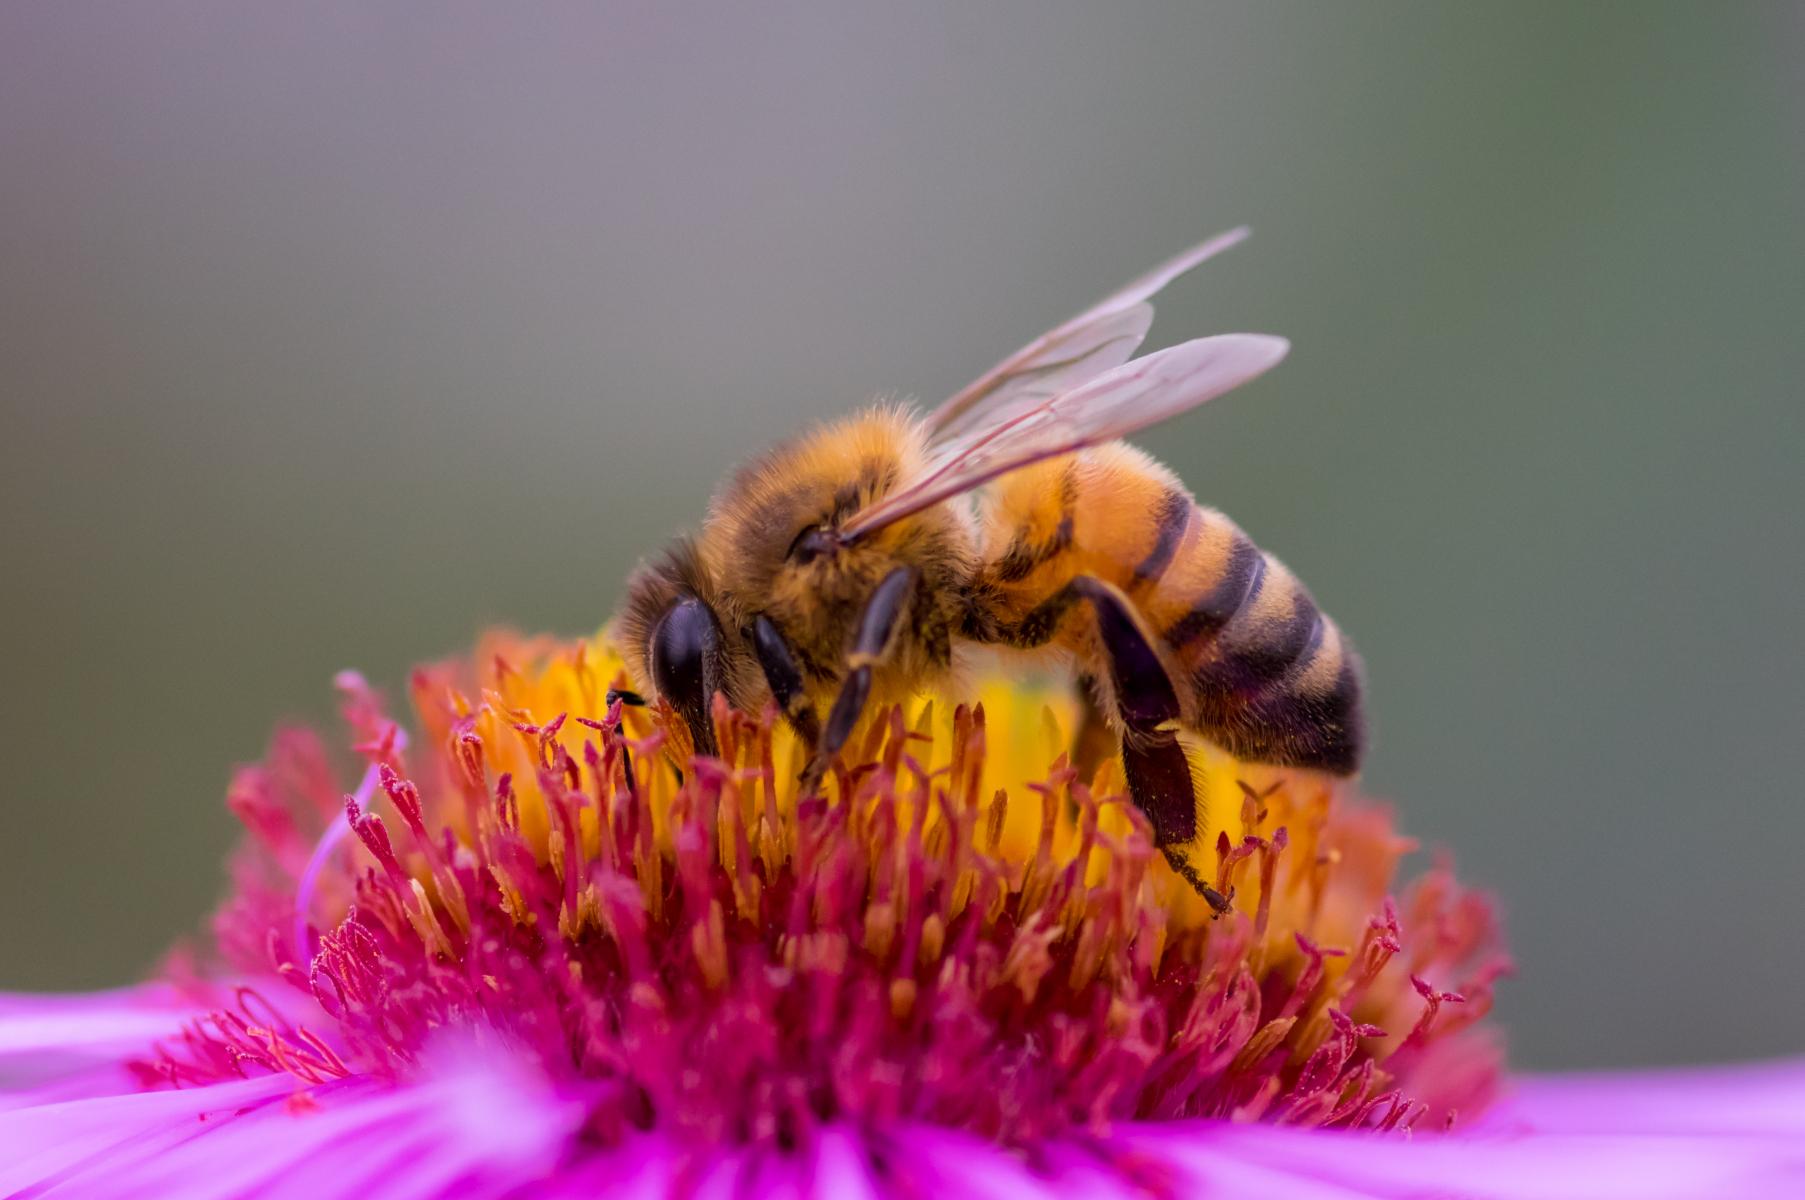 Bie som sitter på en rosa blomst med gule støvbærere